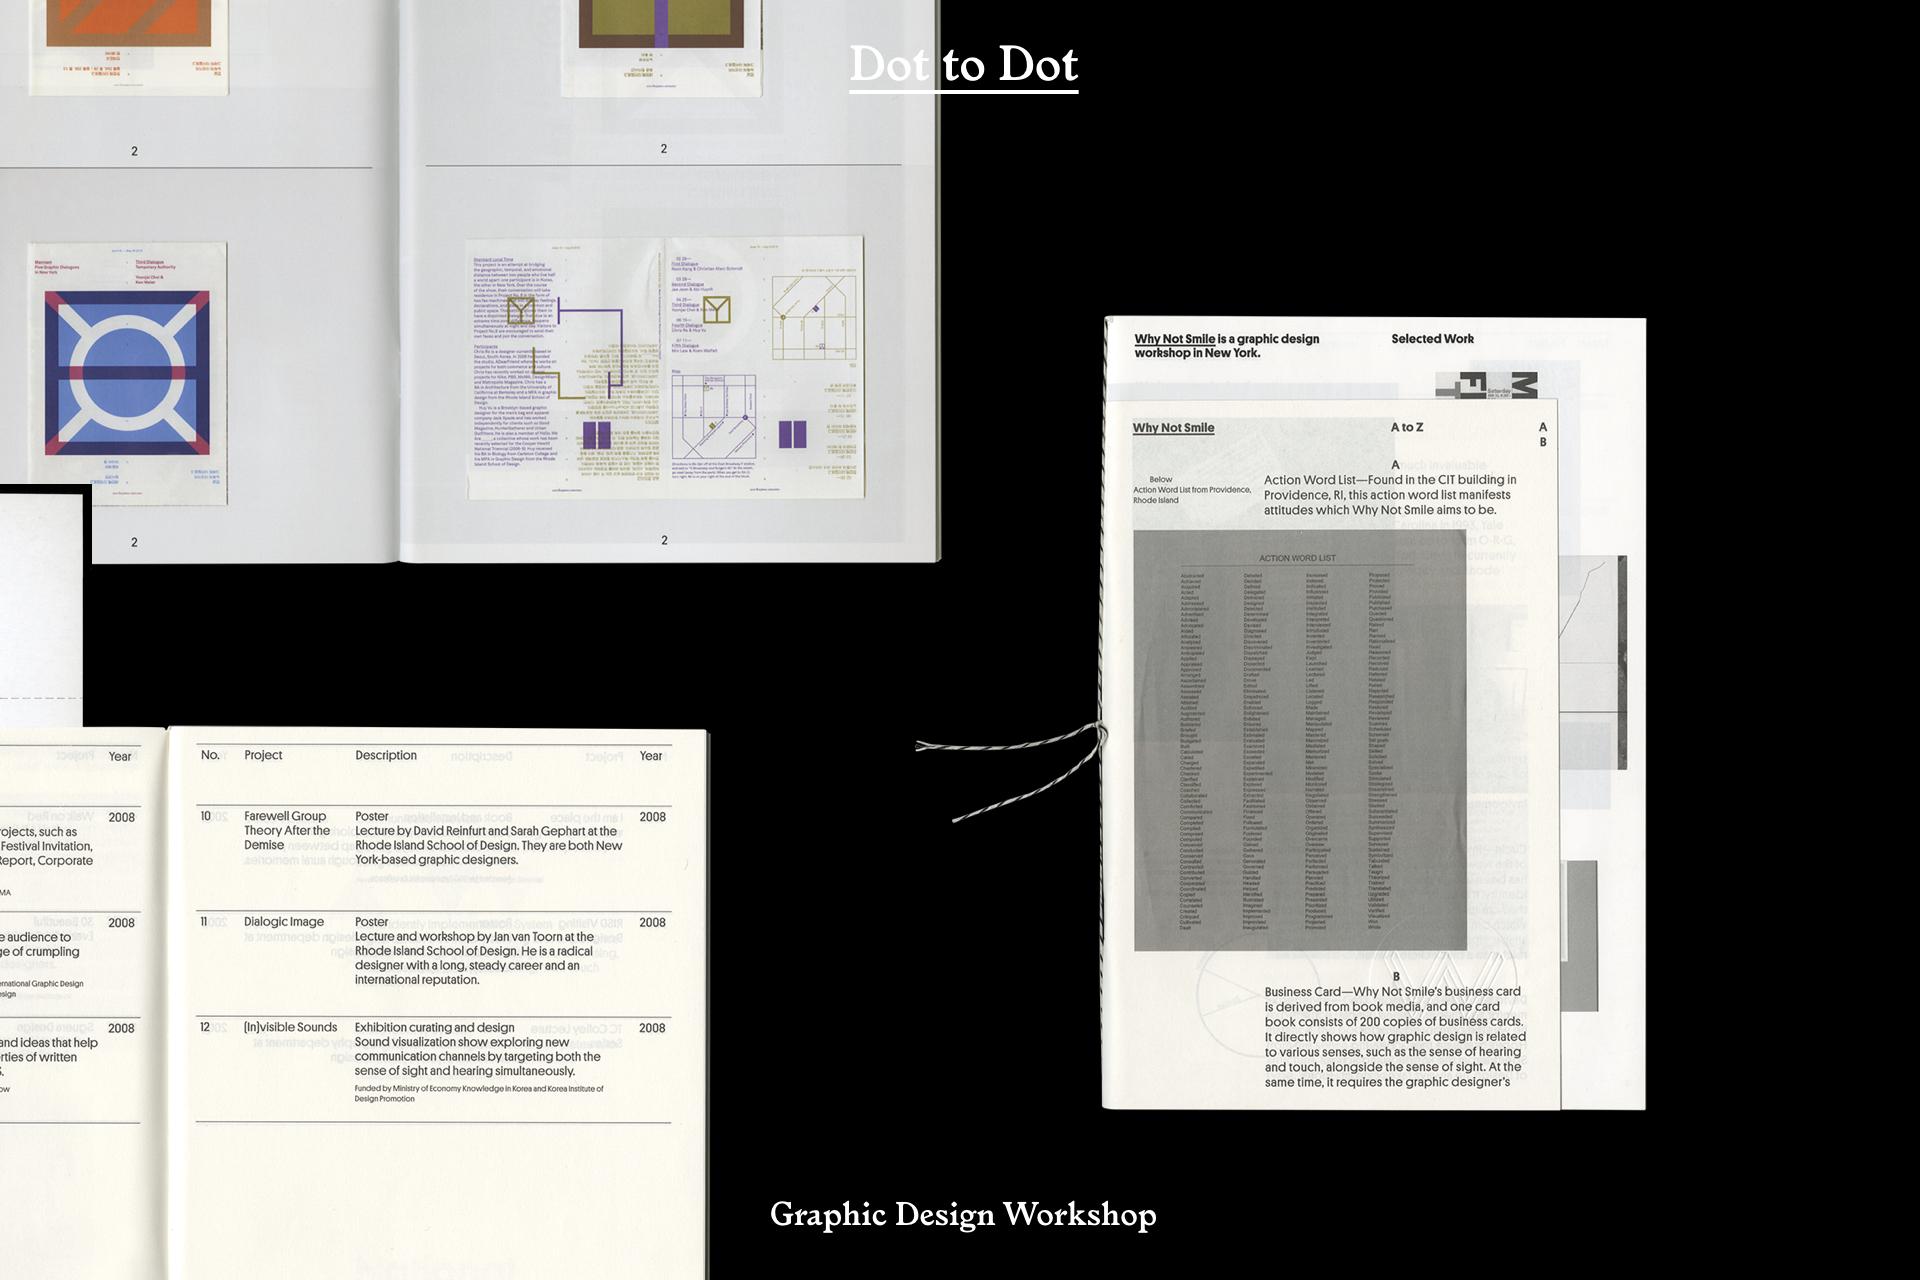 Dot to Dot at NYCxDesign